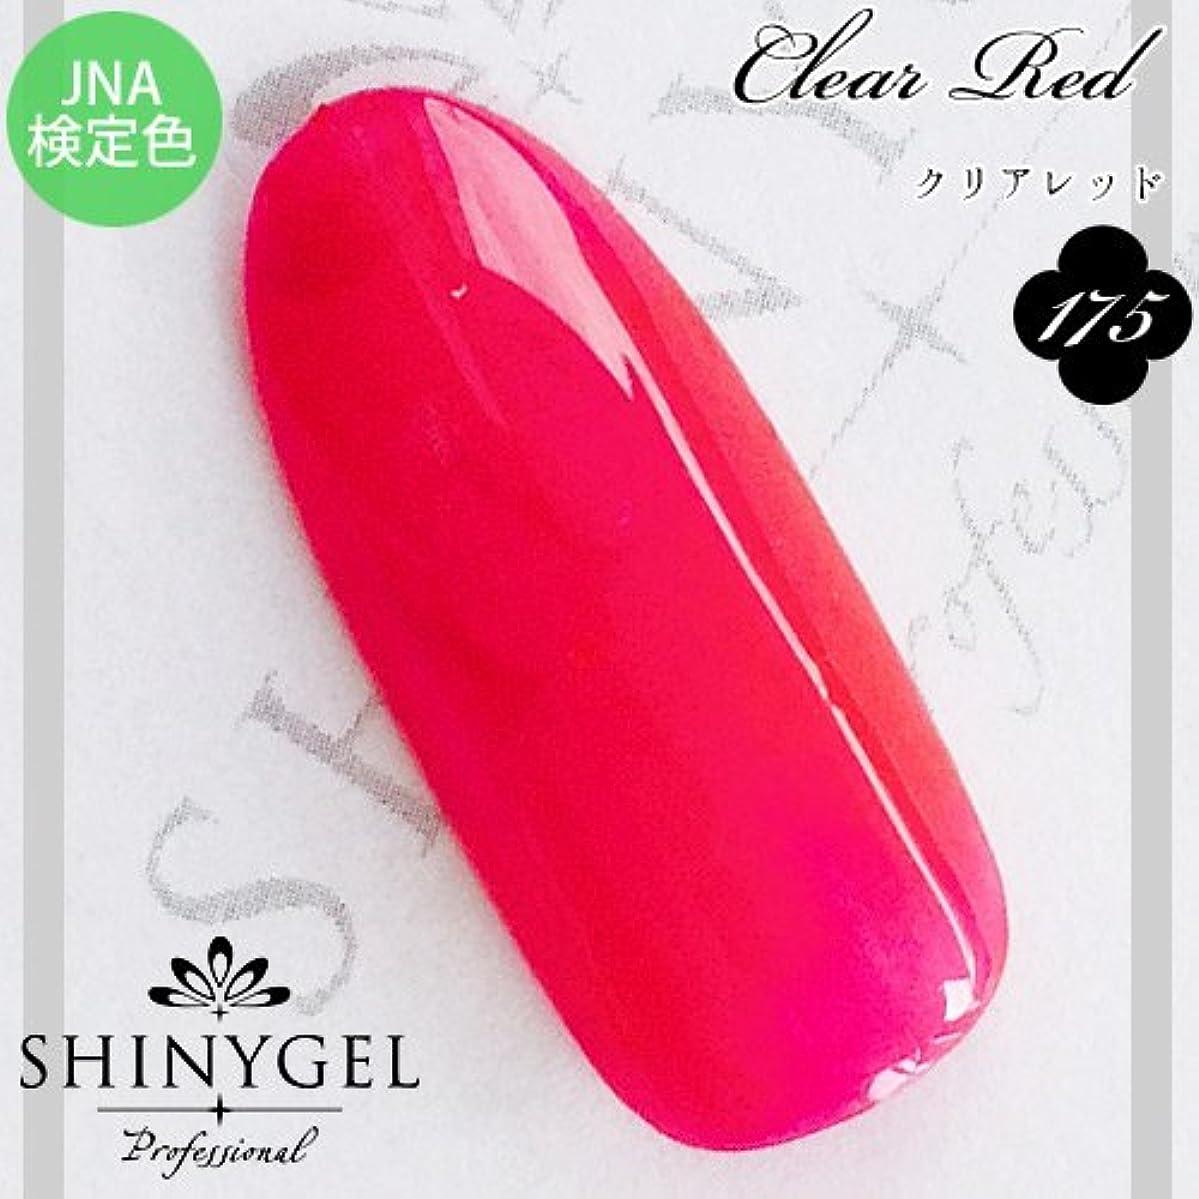 レスリング疲れた浅いSHINY GEL カラージェル 175 4g クリアレッド JNA検定色 UV/LED対応